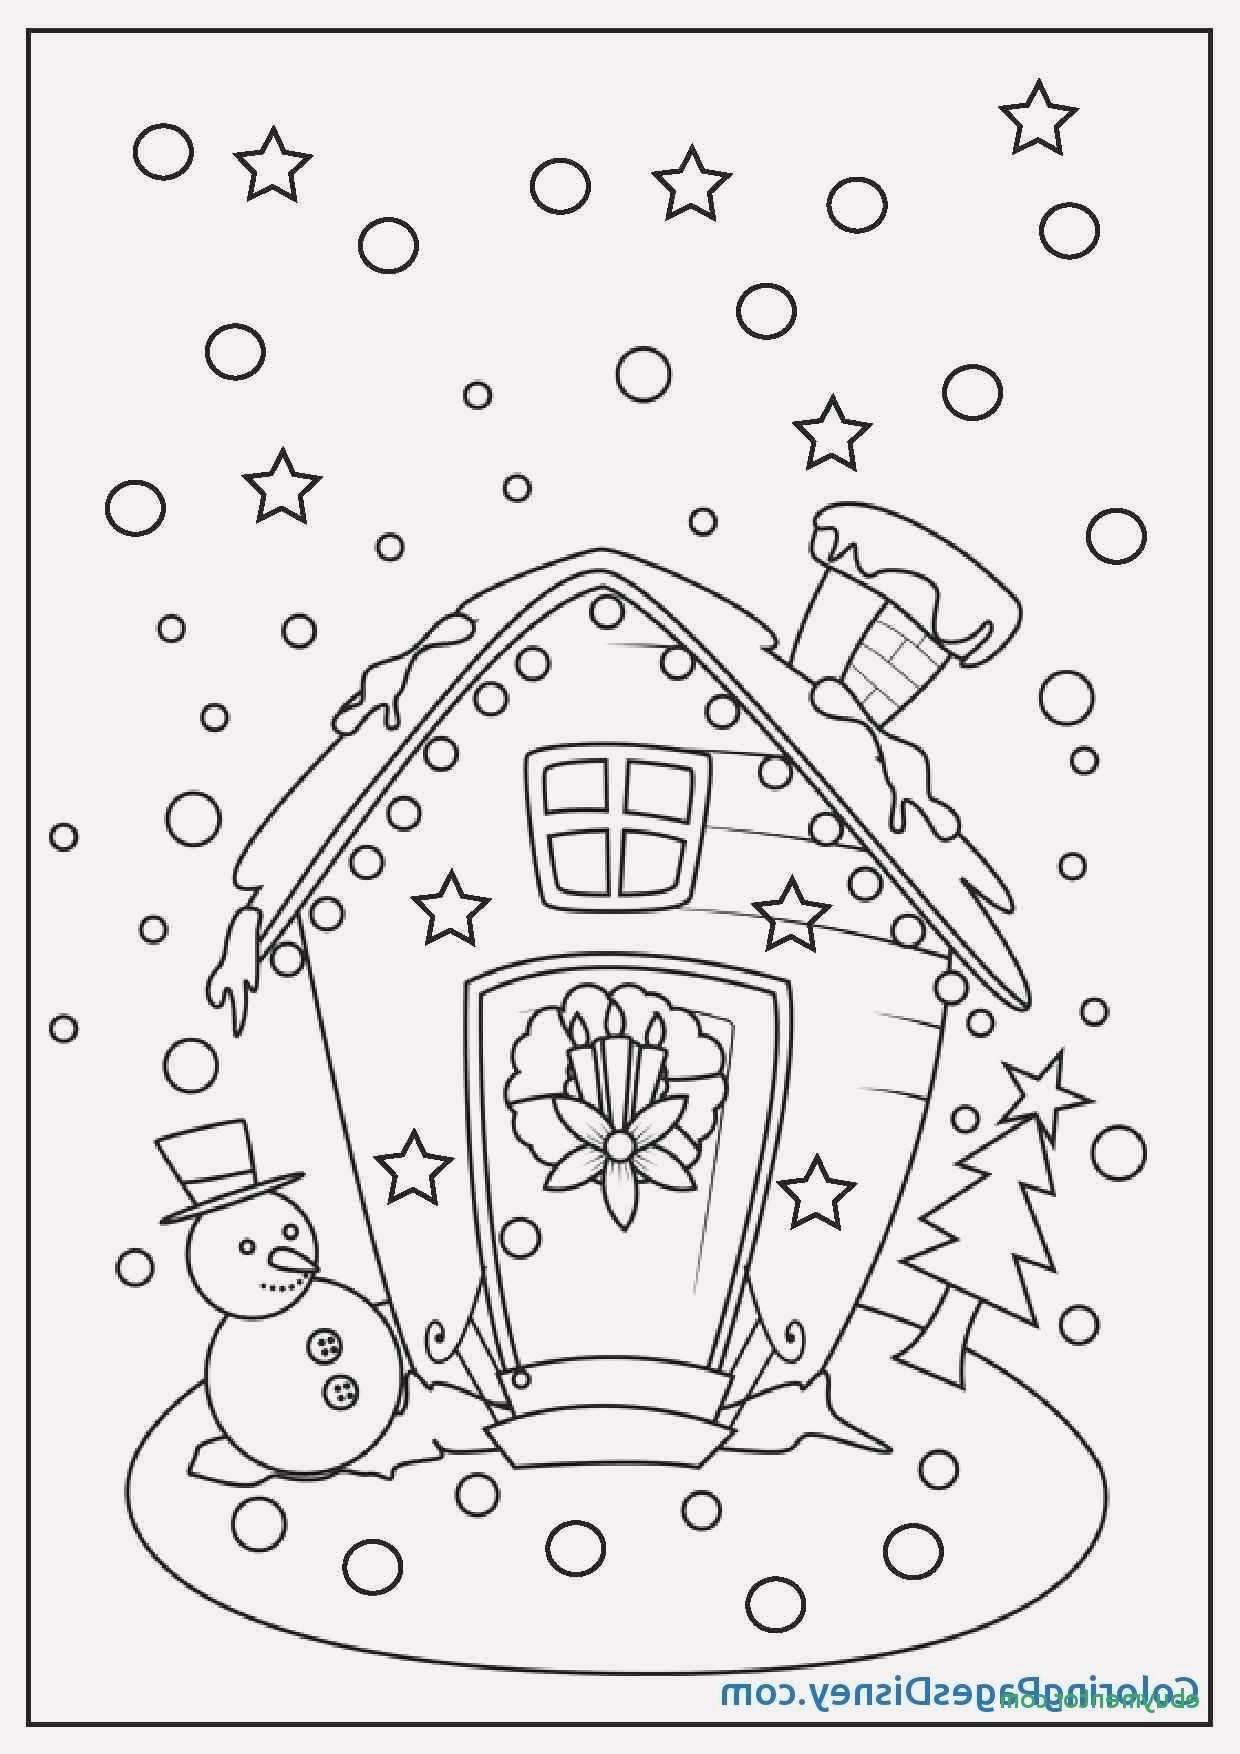 Ausmalbilder Weihnachten Disney Das Beste Von 34 Frisch Weihnachten Ausmalbilder – Malvorlagen Ideen Galerie